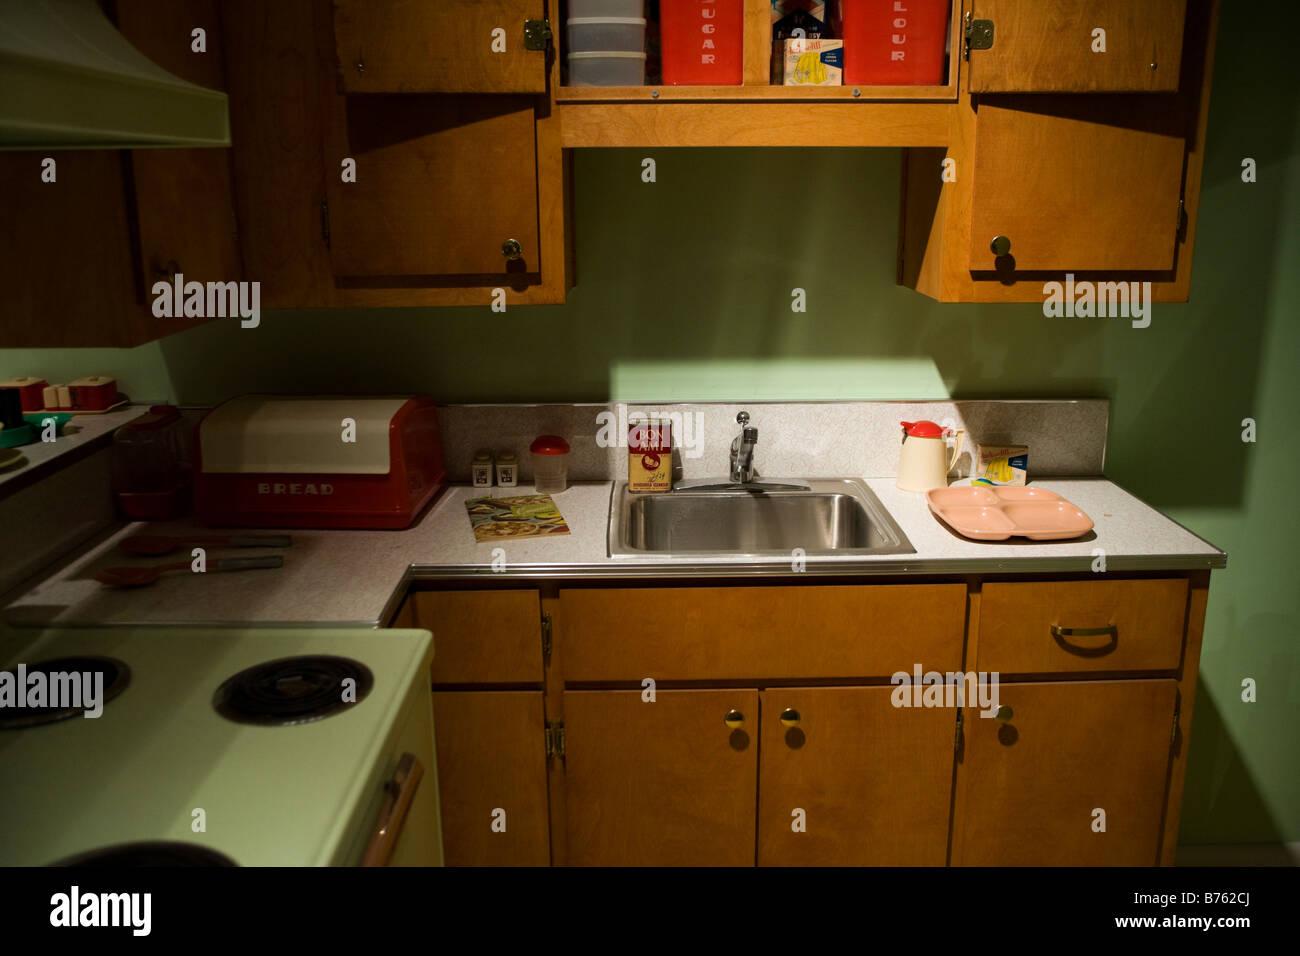 50er Jahre amerikanische Küche - USA Stockfoto, Bild: 21646594 - Alamy